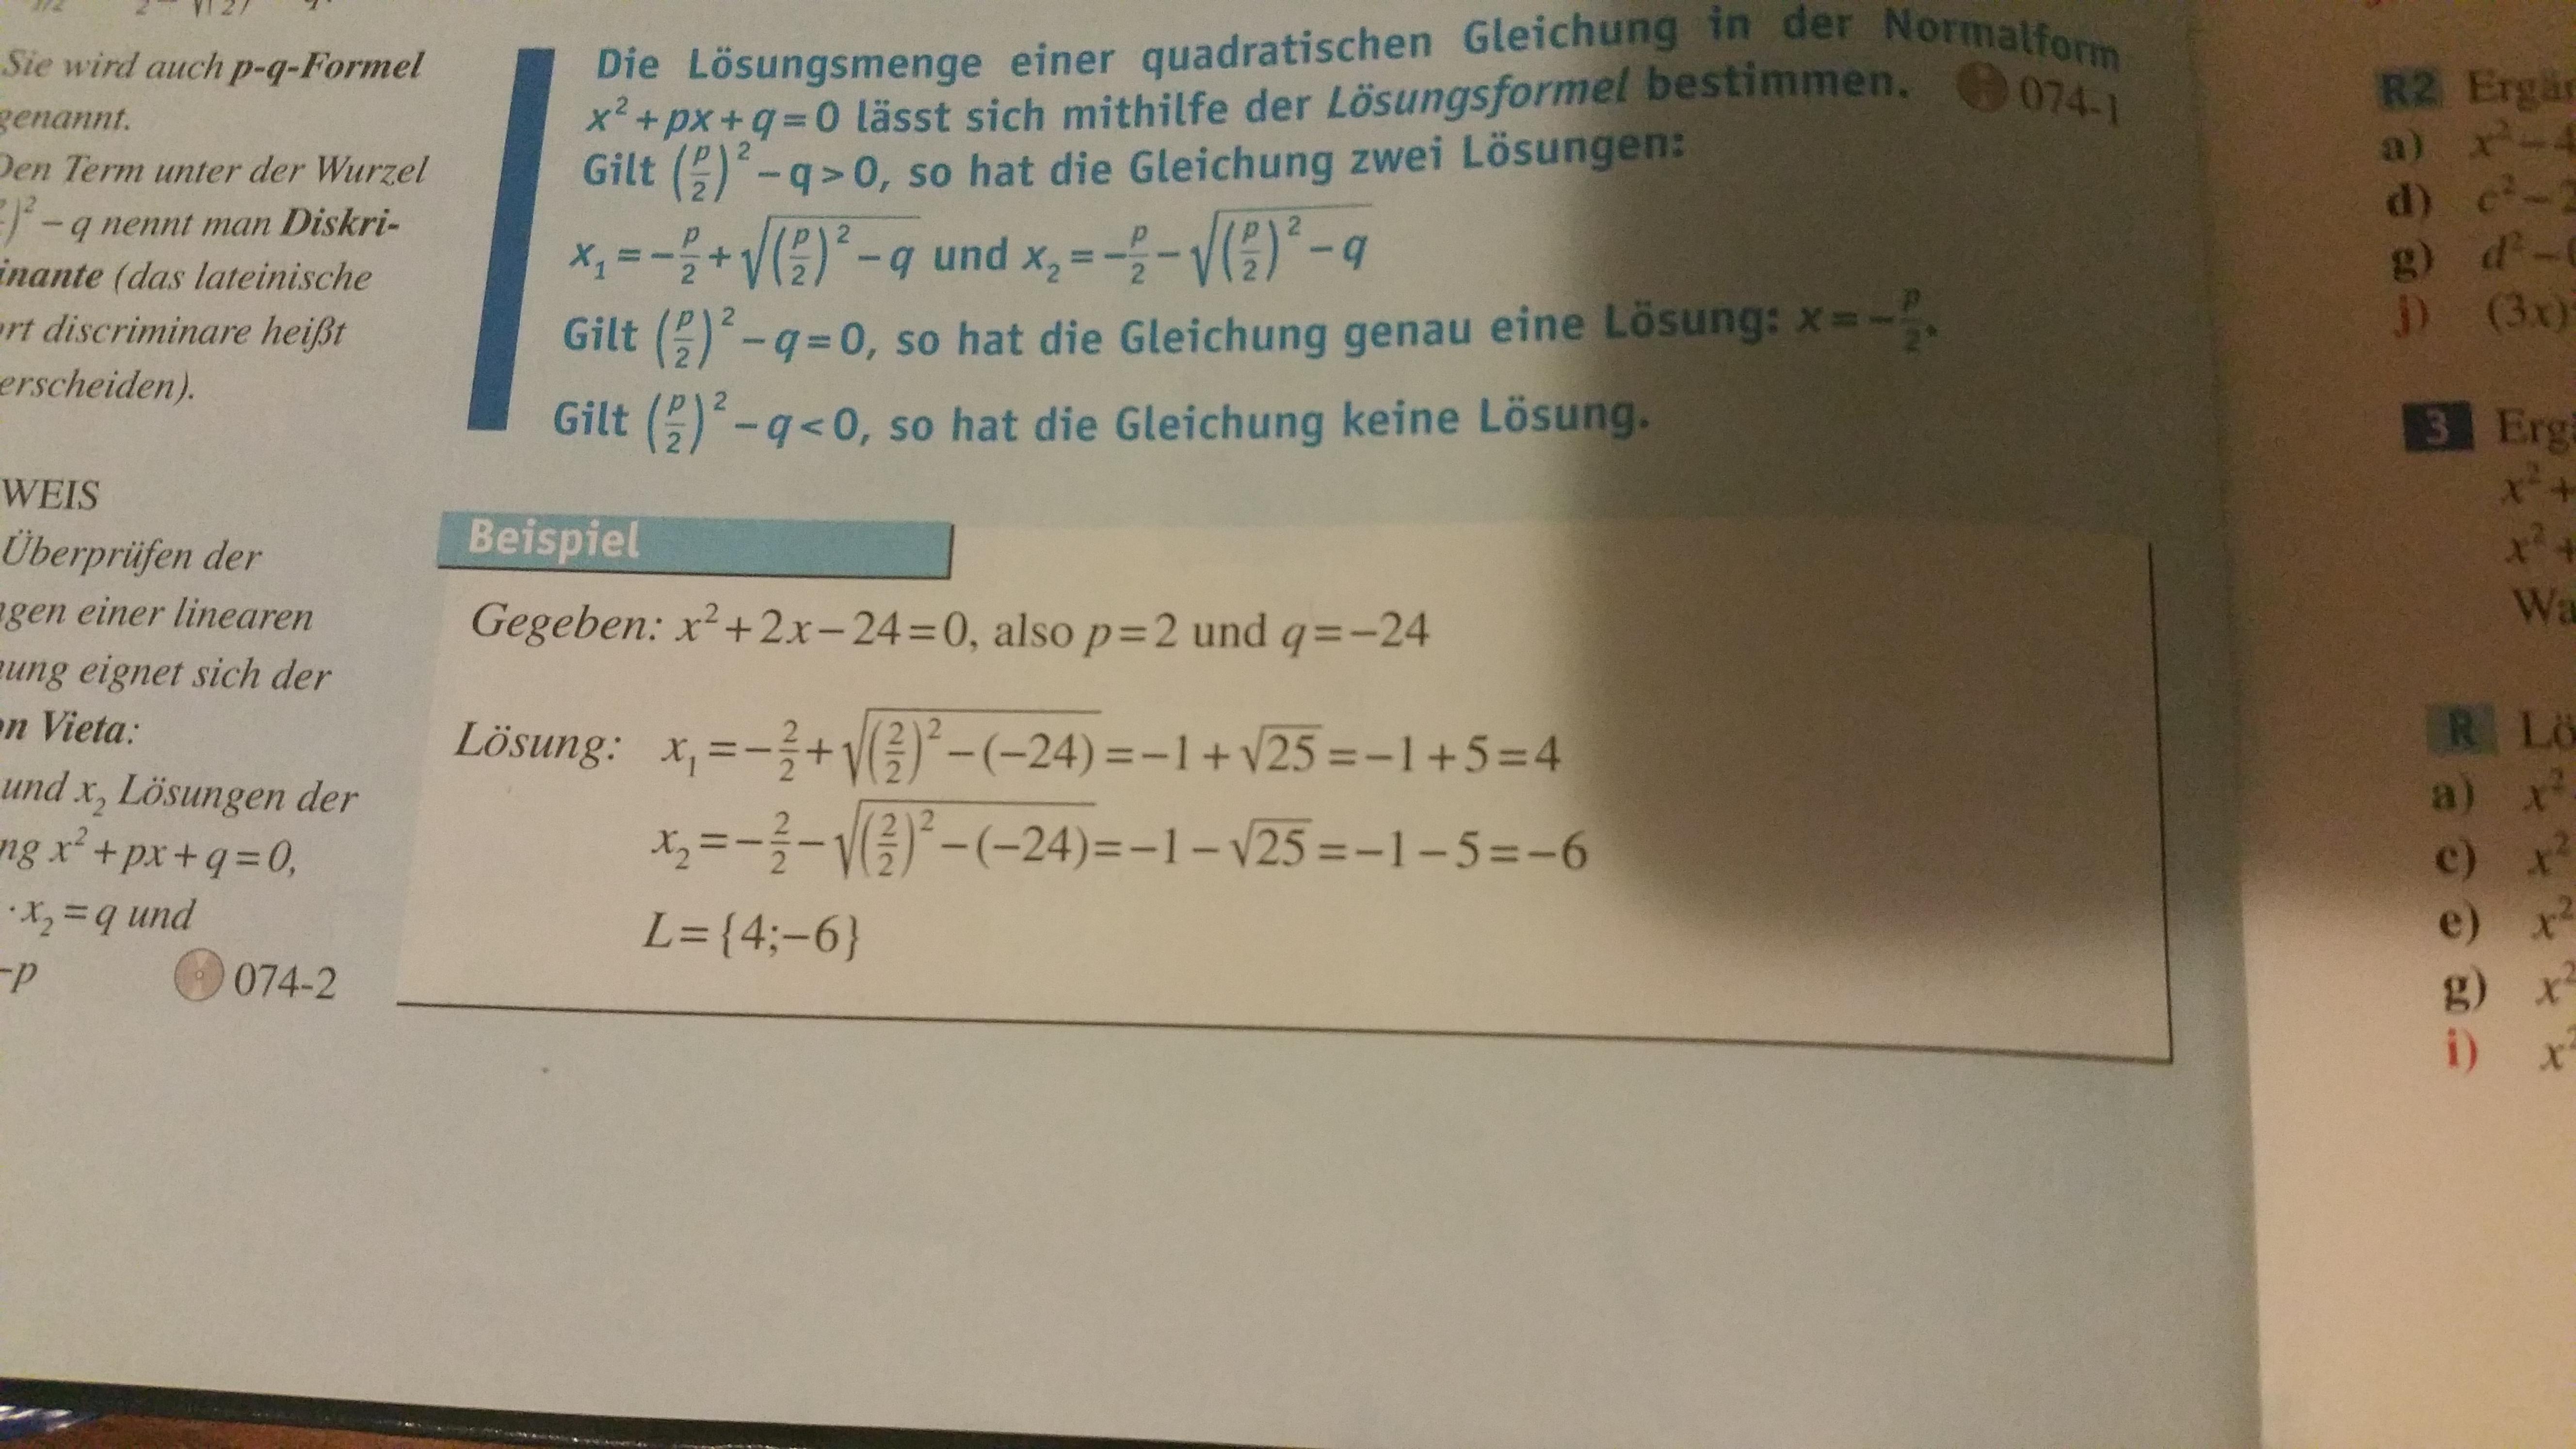 Ausgezeichnet Lösung Quadratwurzel Gleichungen Arbeitsblatt ...